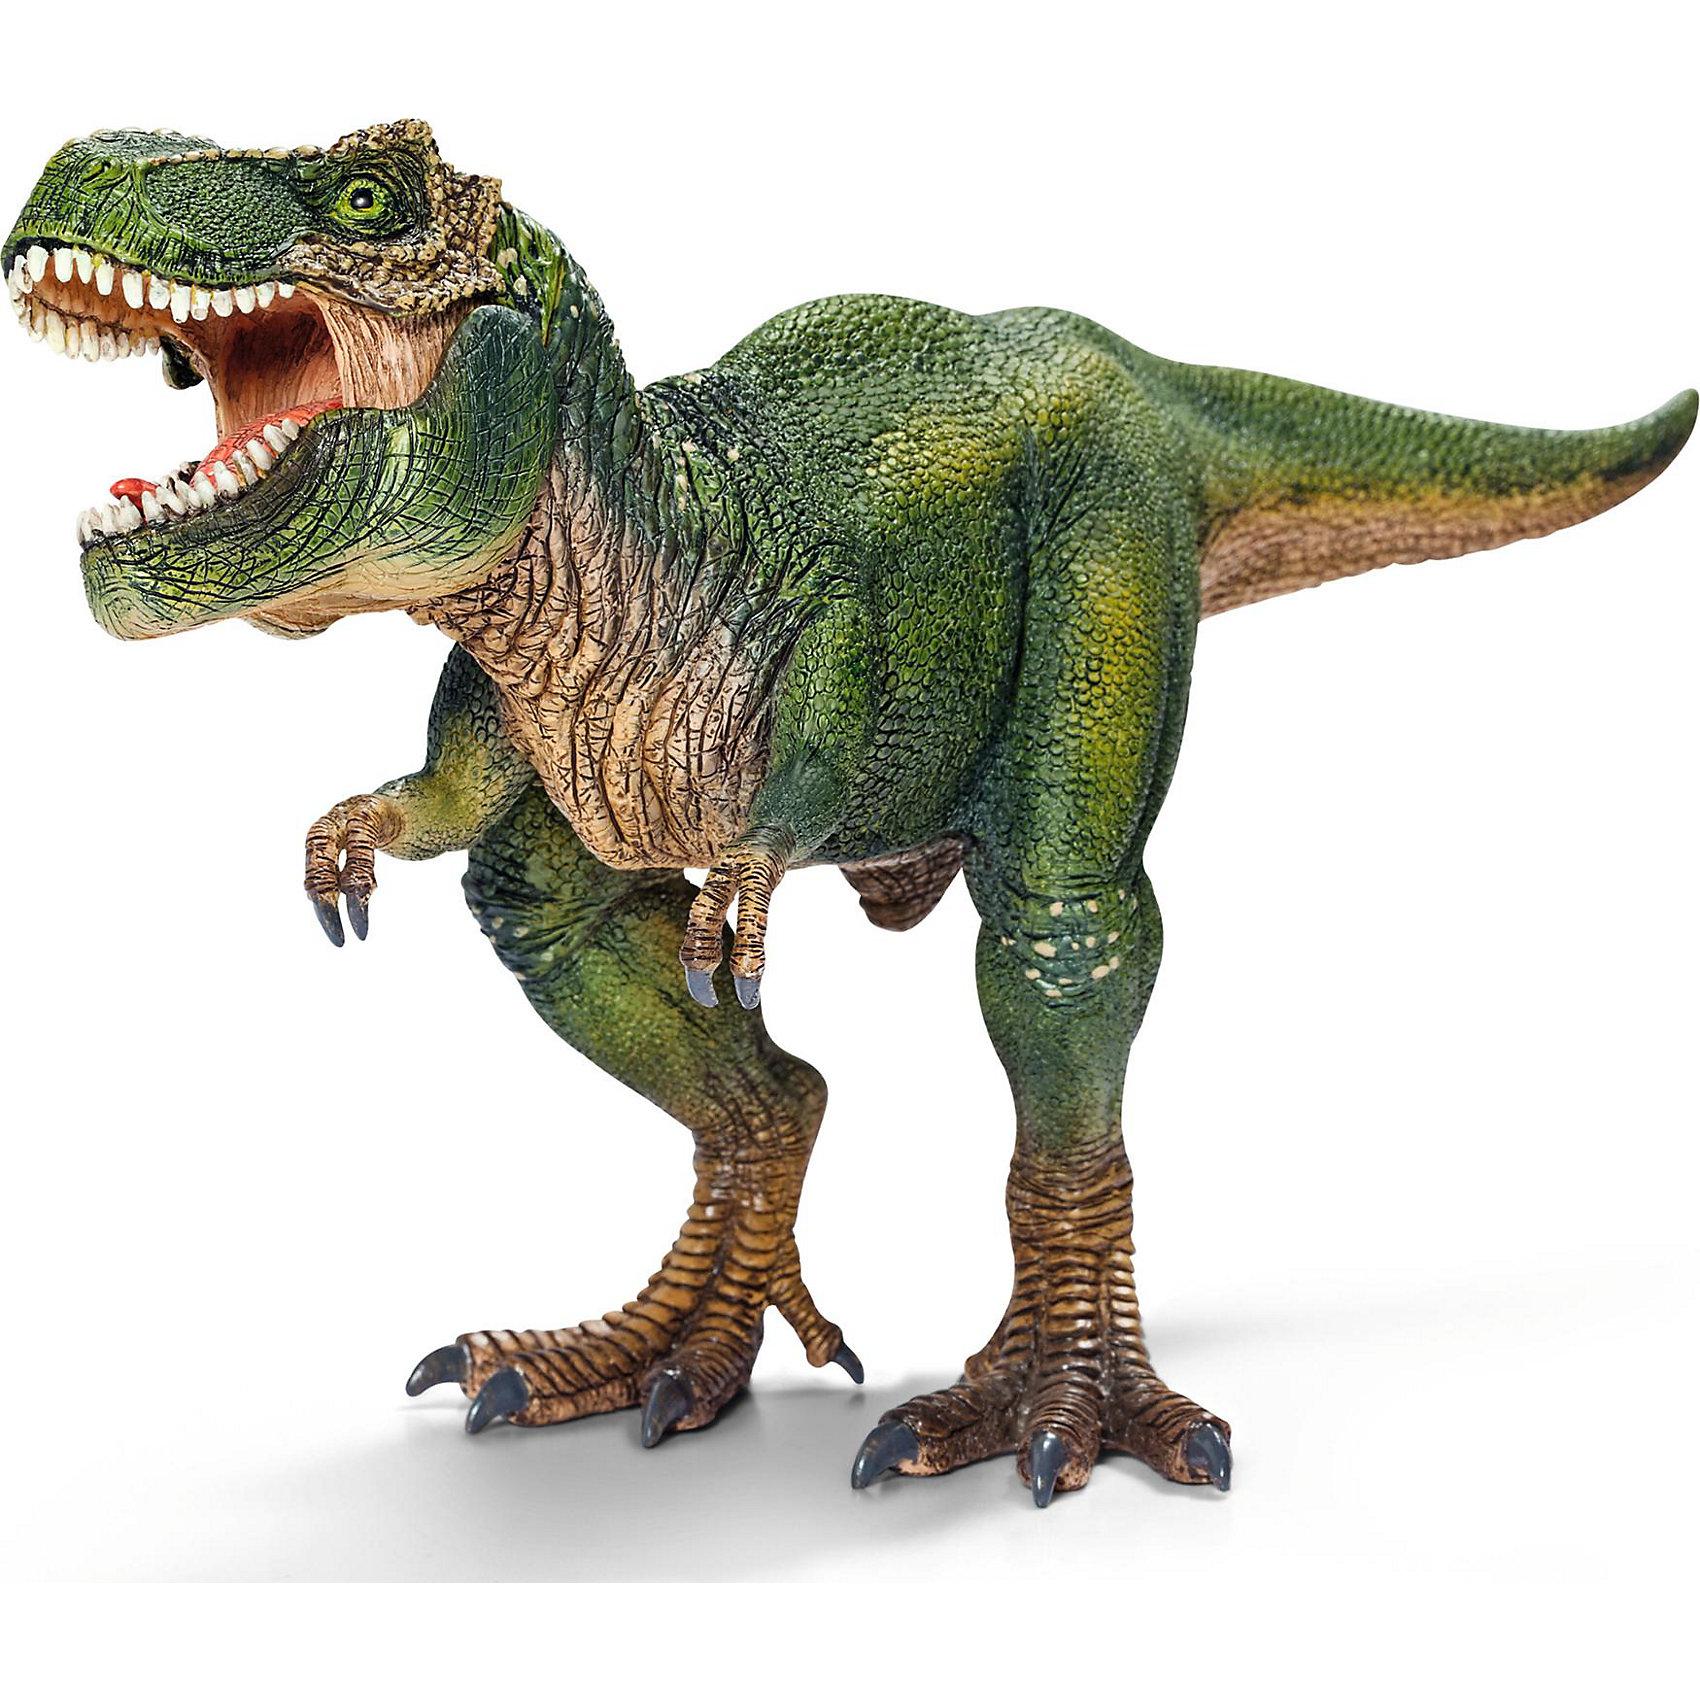 Тиранозавр Рекс, SchleichТираннозавр Рекс — самый крупный из всех известных динозавров. <br><br>Благодаря высокой детализации игрушка дает точную информацию о внешнем виде животного. А подвижная нижняя челюсть у этой фигурки динозавра предоставляет еще больше игровых возможностей.<br><br>Тираннозавр Рекс — самый известный ящер-титан. Именно его чаще всего делают героем фильмов про динозавров. И хотя его скорость бега равна человеческой, но от столь искусного хищника не могли защититься даже другие динозавры. Тираннозавр Рекс без труда передвигался на задних лапах, имел самый сильный укус и питался плотью существ, живших в последней четверти мелового периода. А свой огромный и тяжелый хвост он использовал и как средство защиты, и как балансир при перемещении.<br><br>Дополнительная информация:<br><br>- Крупный размер: 28,0 ? 9,5 ? 14,0 см<br>- Высокая степень детализации<br>- Игрушка имеет подвижную нижнюю челюсть!<br>- Материал: каучуковый пластик<br><br>Тираннозавра Рекс, Schleich (Шляйх) можно купить в нашем магазине.<br><br>Ширина мм: 272<br>Глубина мм: 129<br>Высота мм: 93<br>Вес г: 265<br>Возраст от месяцев: 36<br>Возраст до месяцев: 96<br>Пол: Мужской<br>Возраст: Детский<br>SKU: 2445907